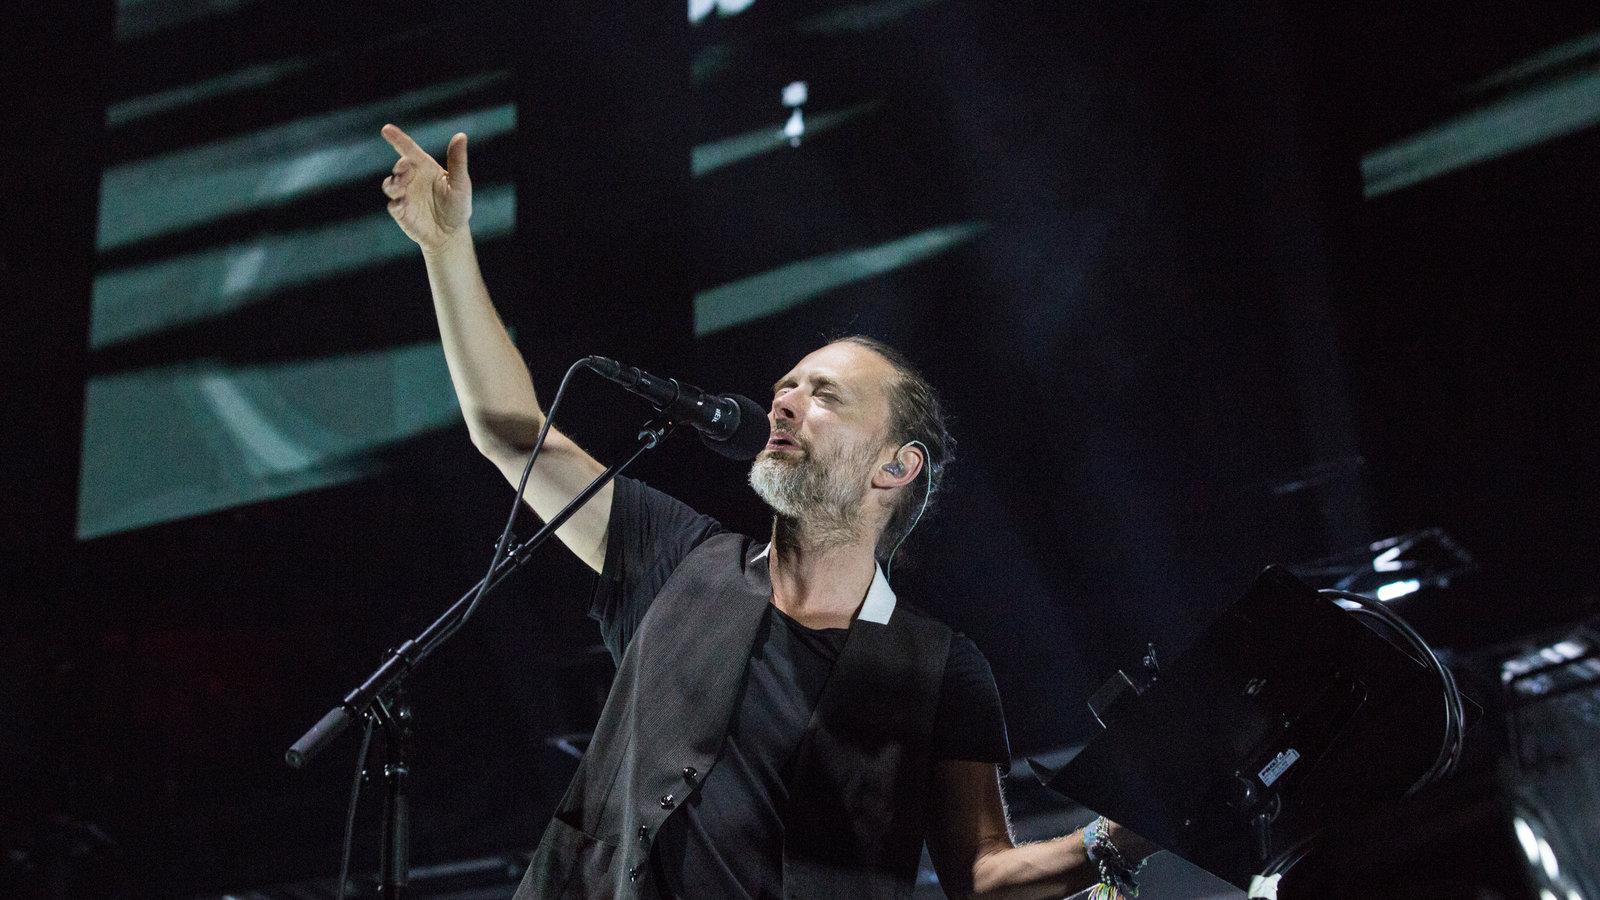 Radiohead hará streams semanales de sus conciertos hasta el final de la cuarentena